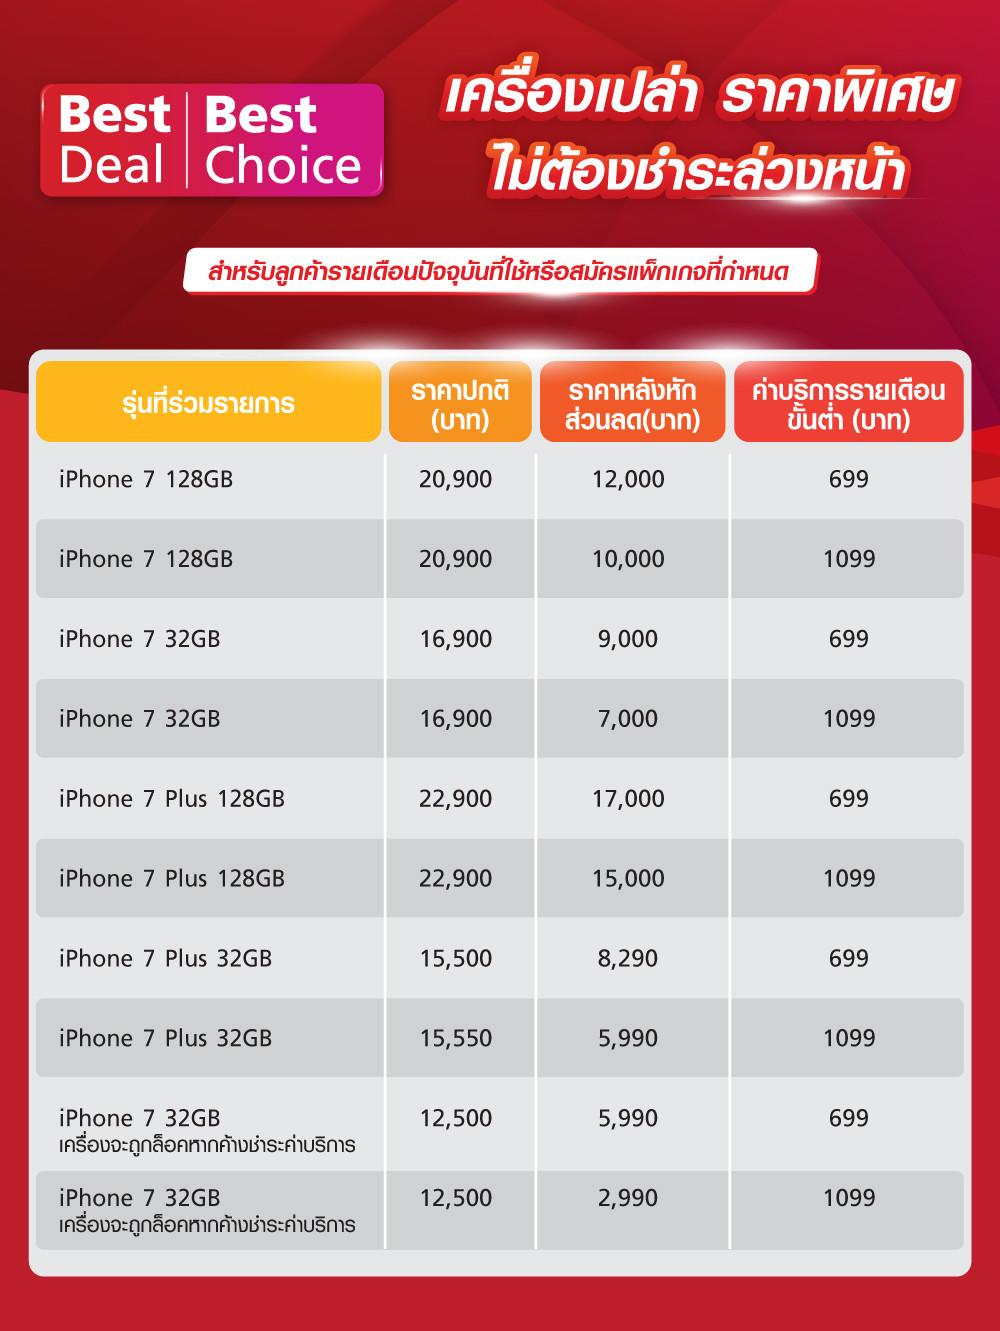 best-deal-best-choice_iphone7.jpg